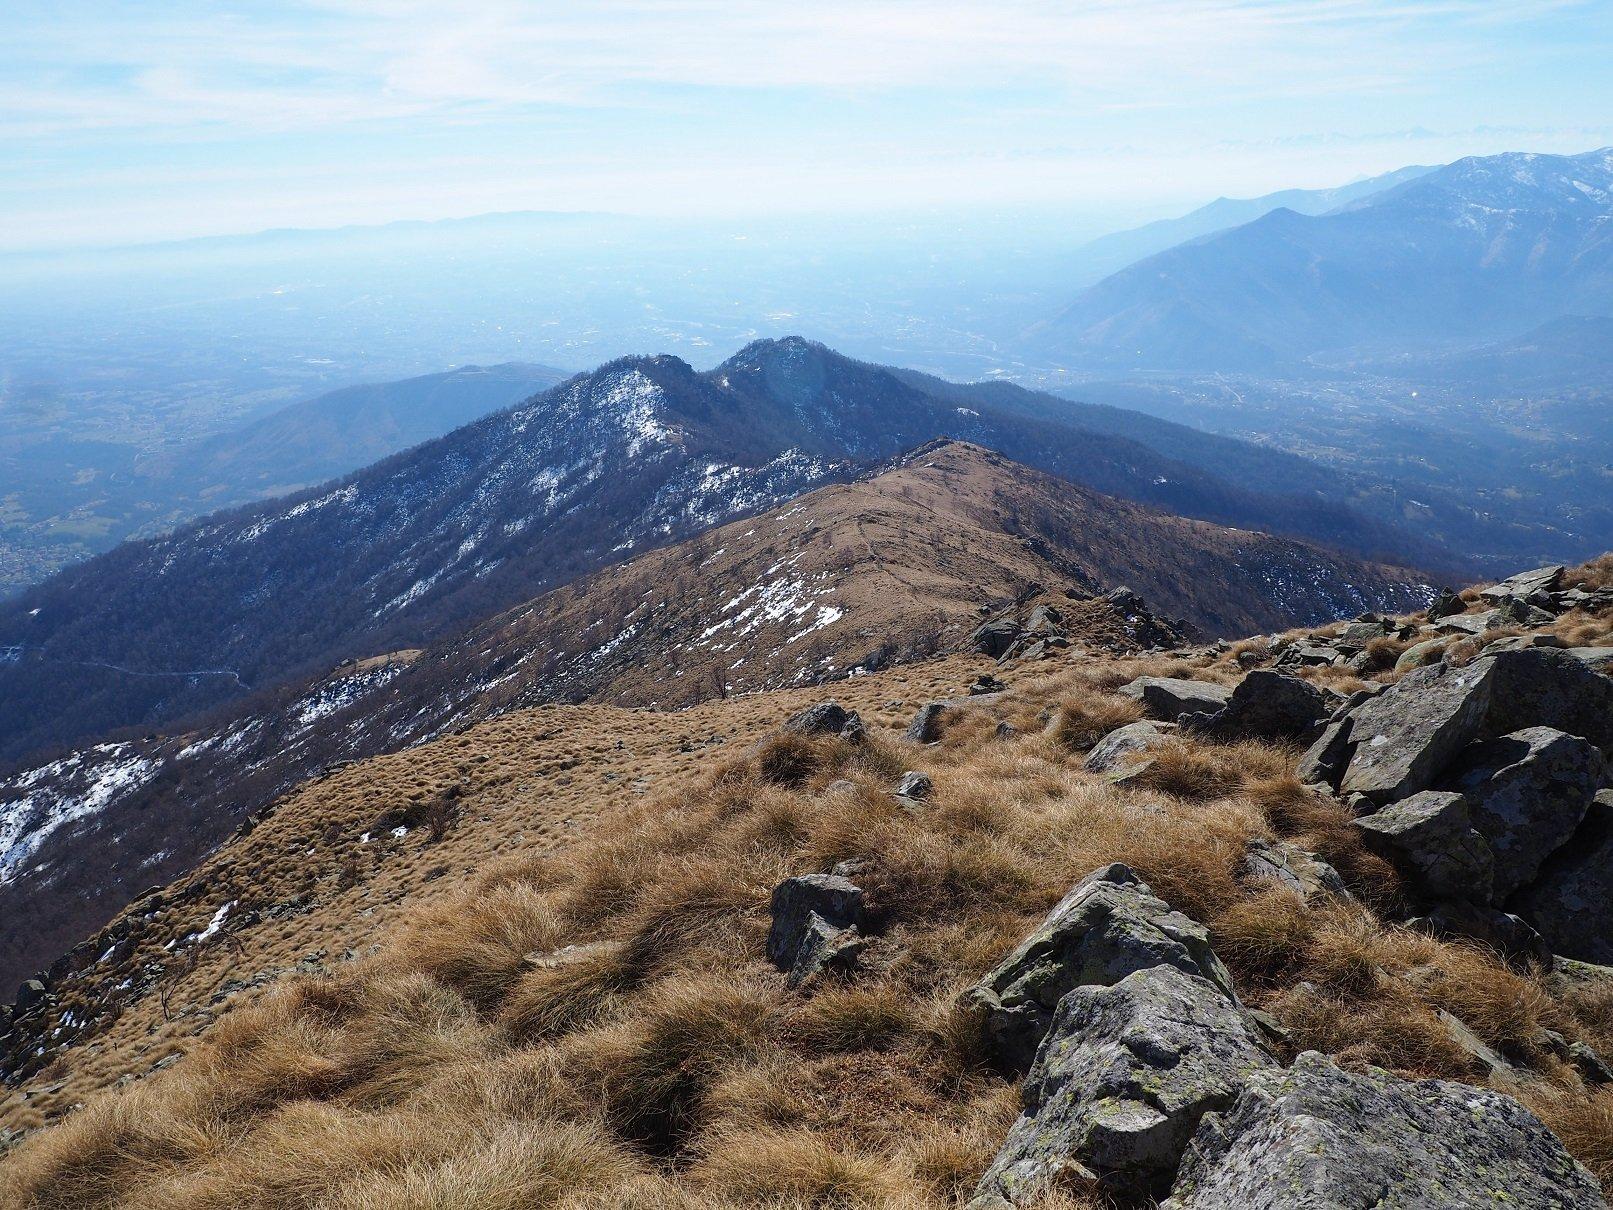 La dorsale vista da Rocca Turi (forse).